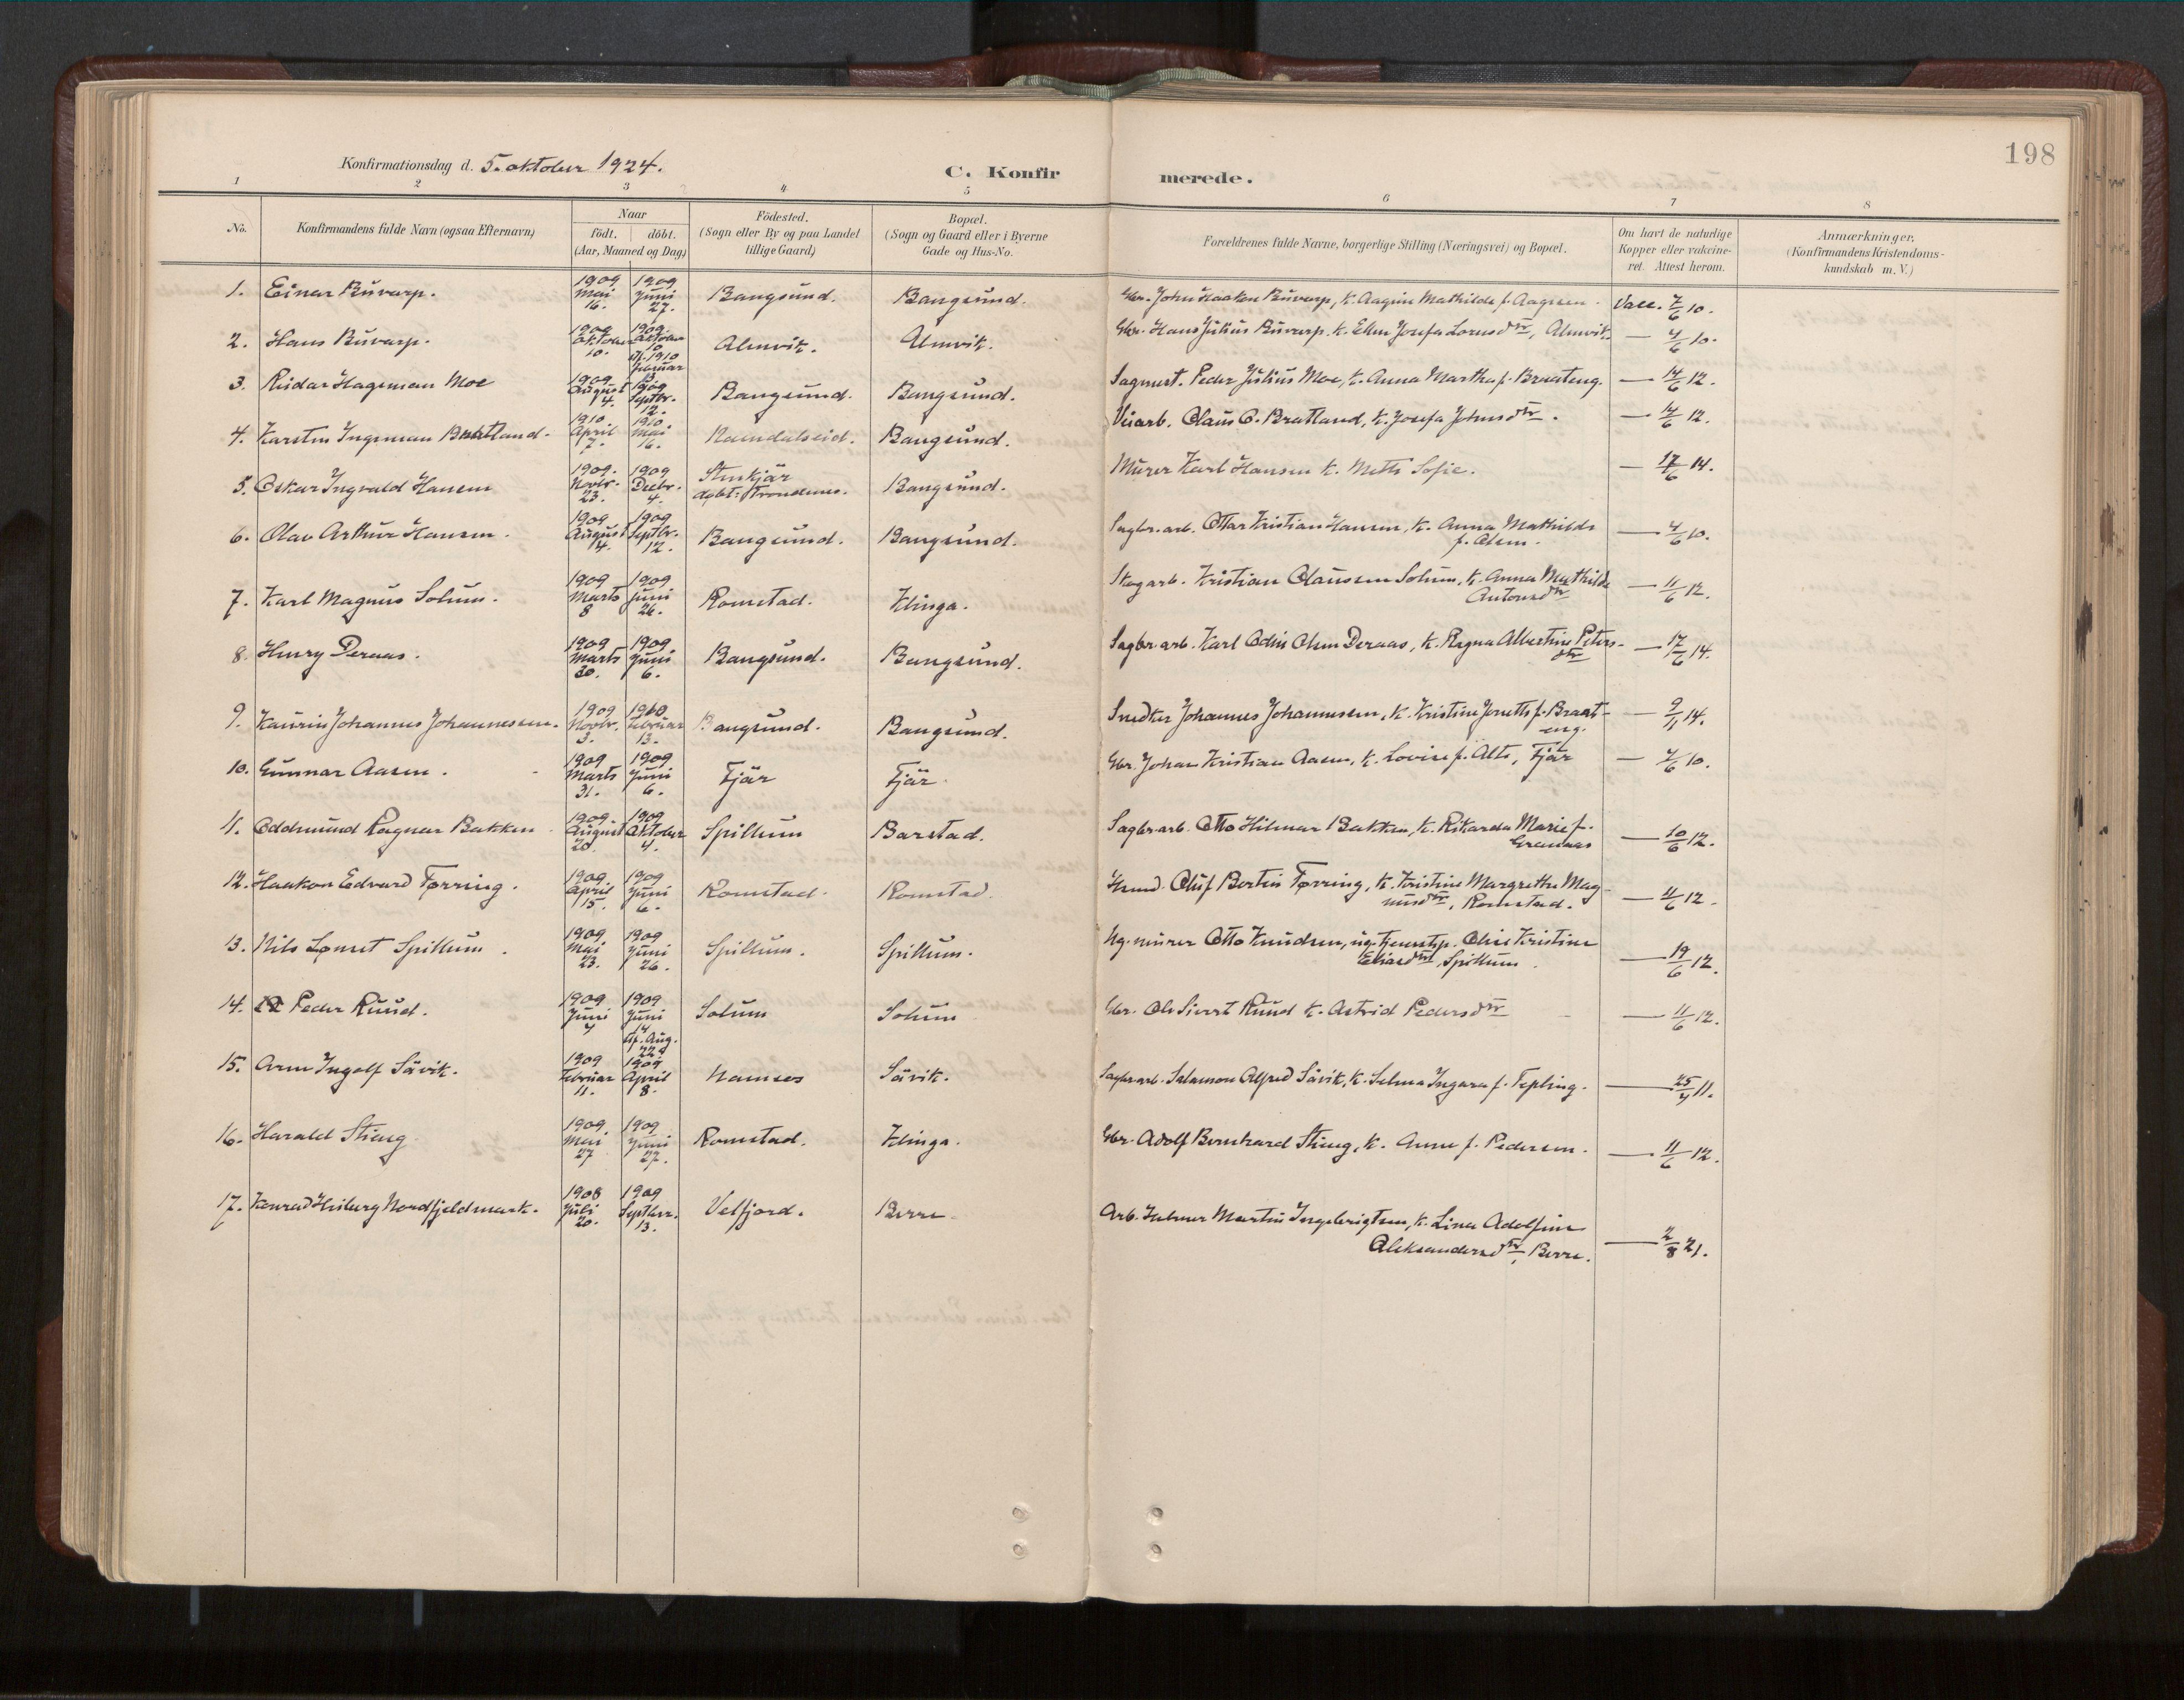 SAT, Ministerialprotokoller, klokkerbøker og fødselsregistre - Nord-Trøndelag, 770/L0589: Ministerialbok nr. 770A03, 1887-1929, s. 198